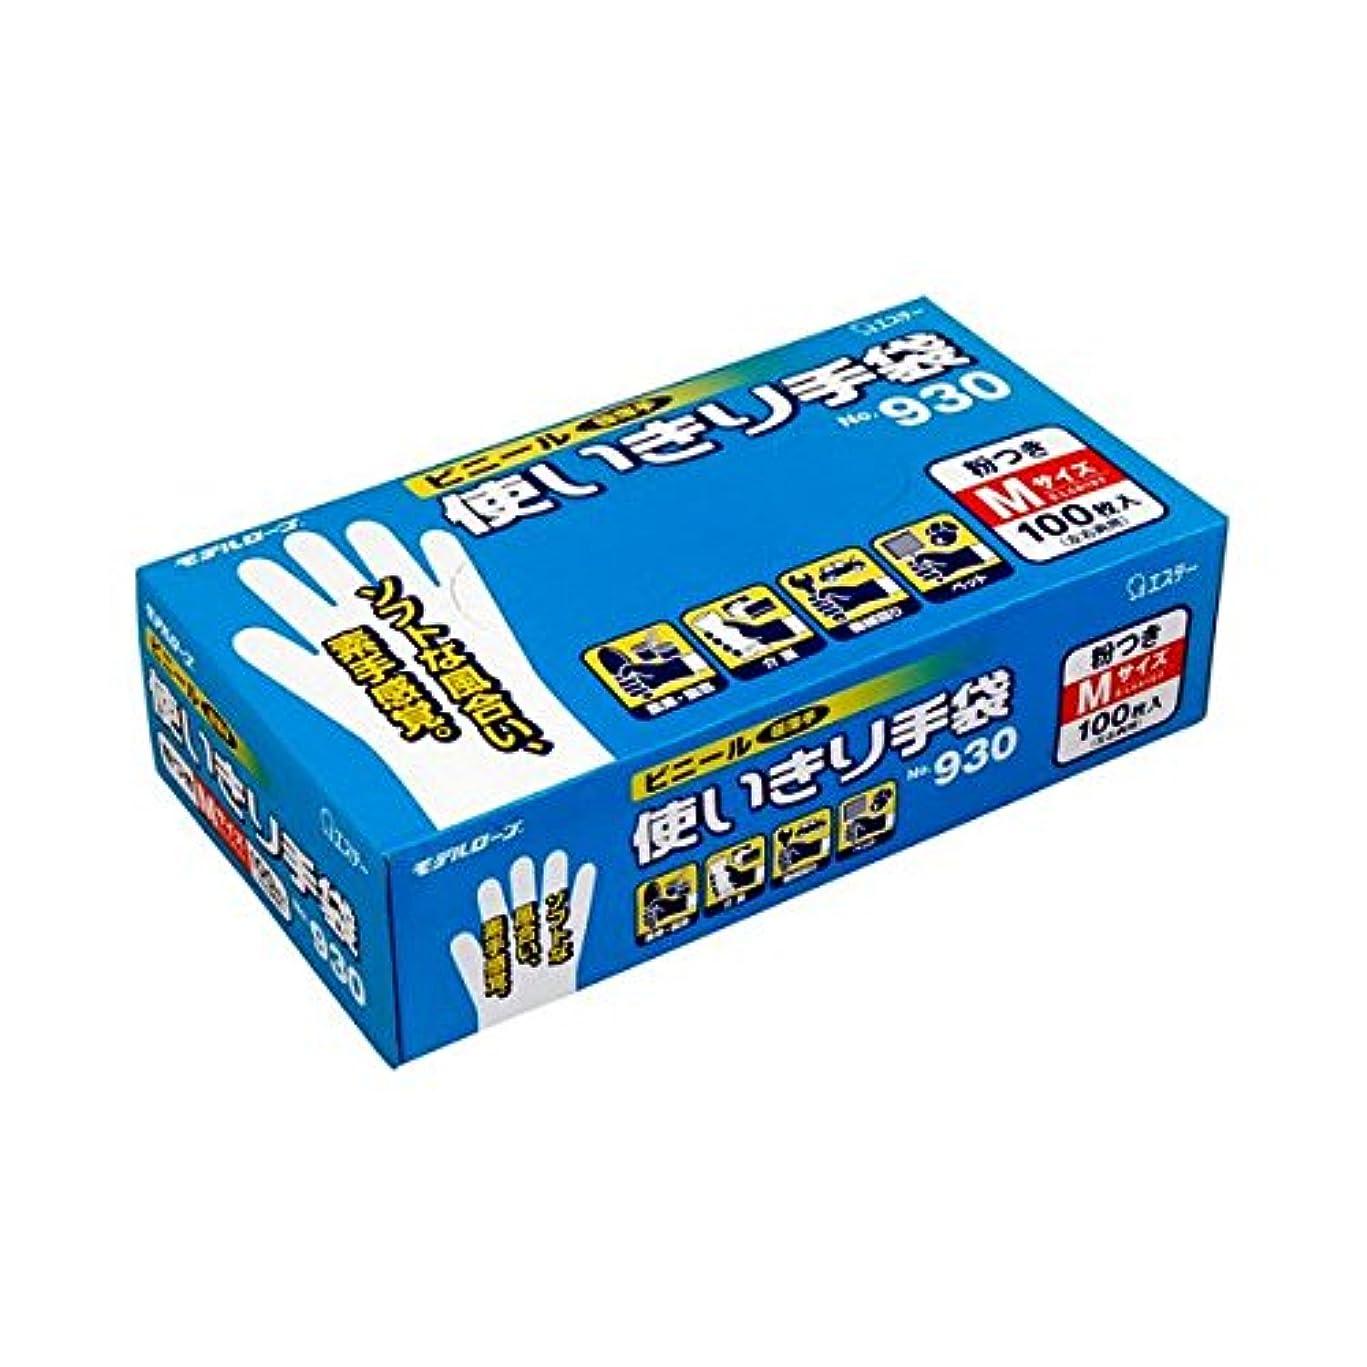 閃光四面体審判(まとめ) エステー No.930 ビニール使いきり手袋(粉付) M 1箱(100枚) 【×5セット】 ds-1580597